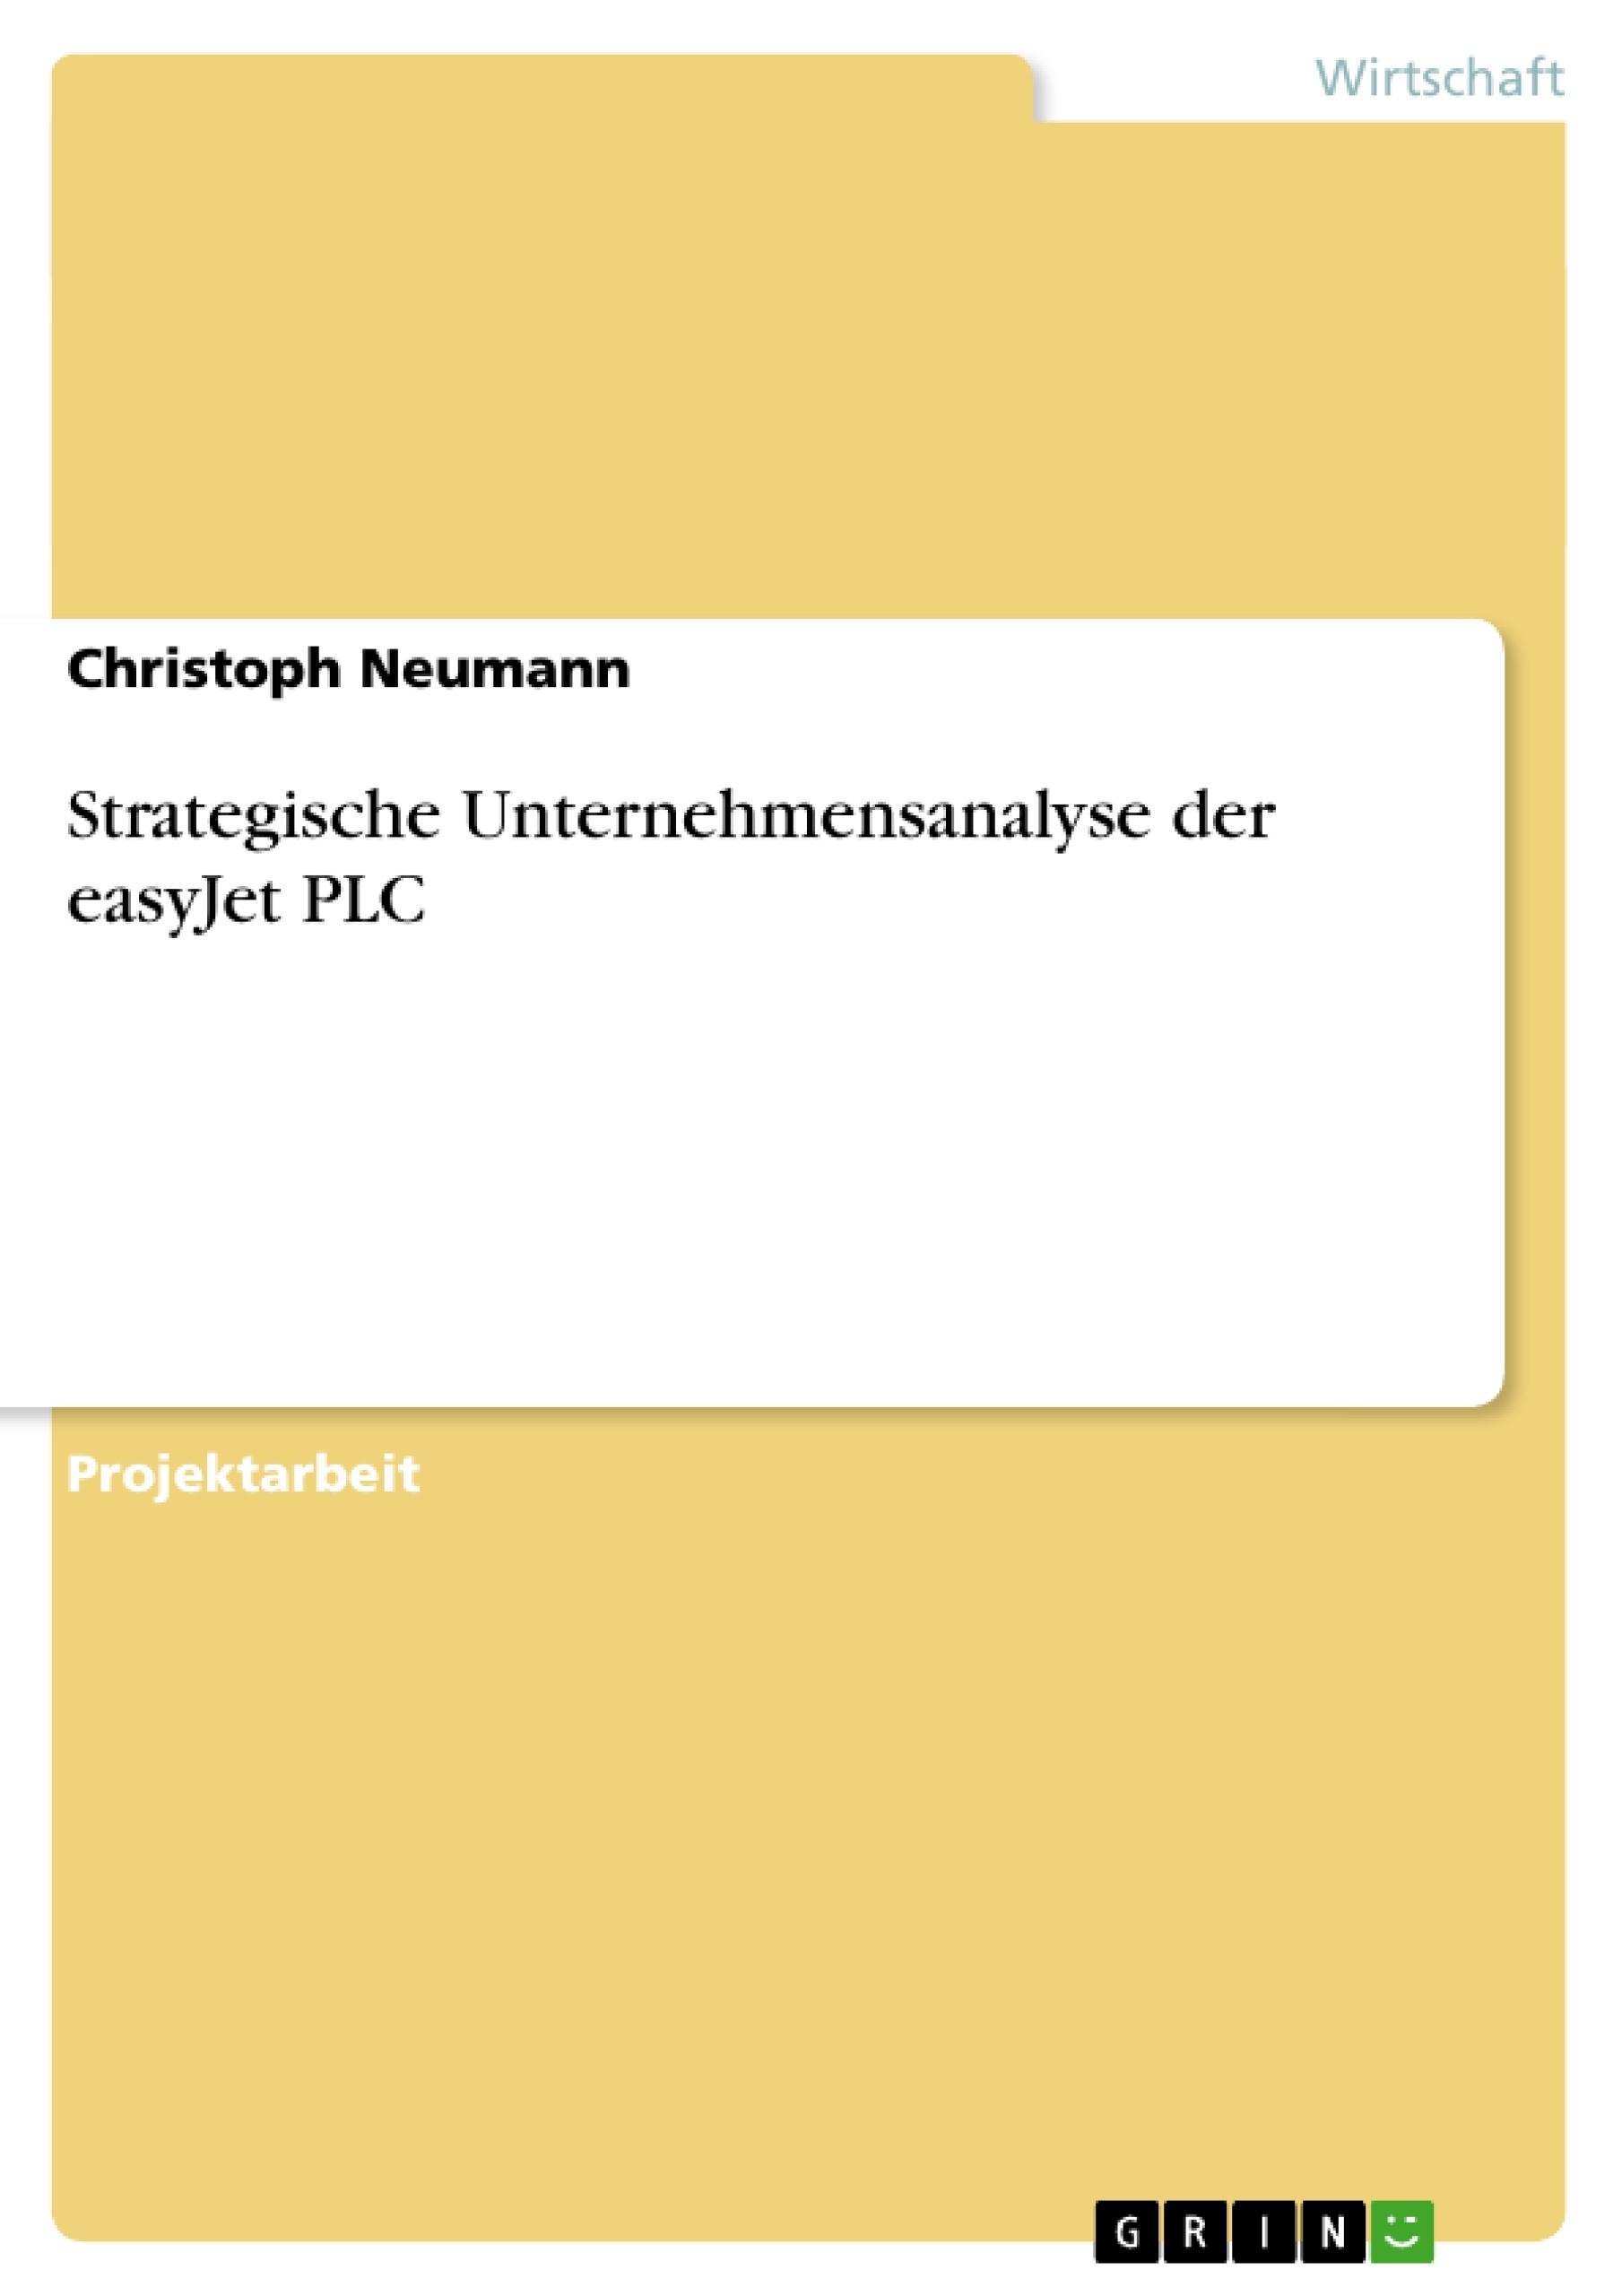 Titel: Strategische Unternehmensanalyse der easyJet PLC